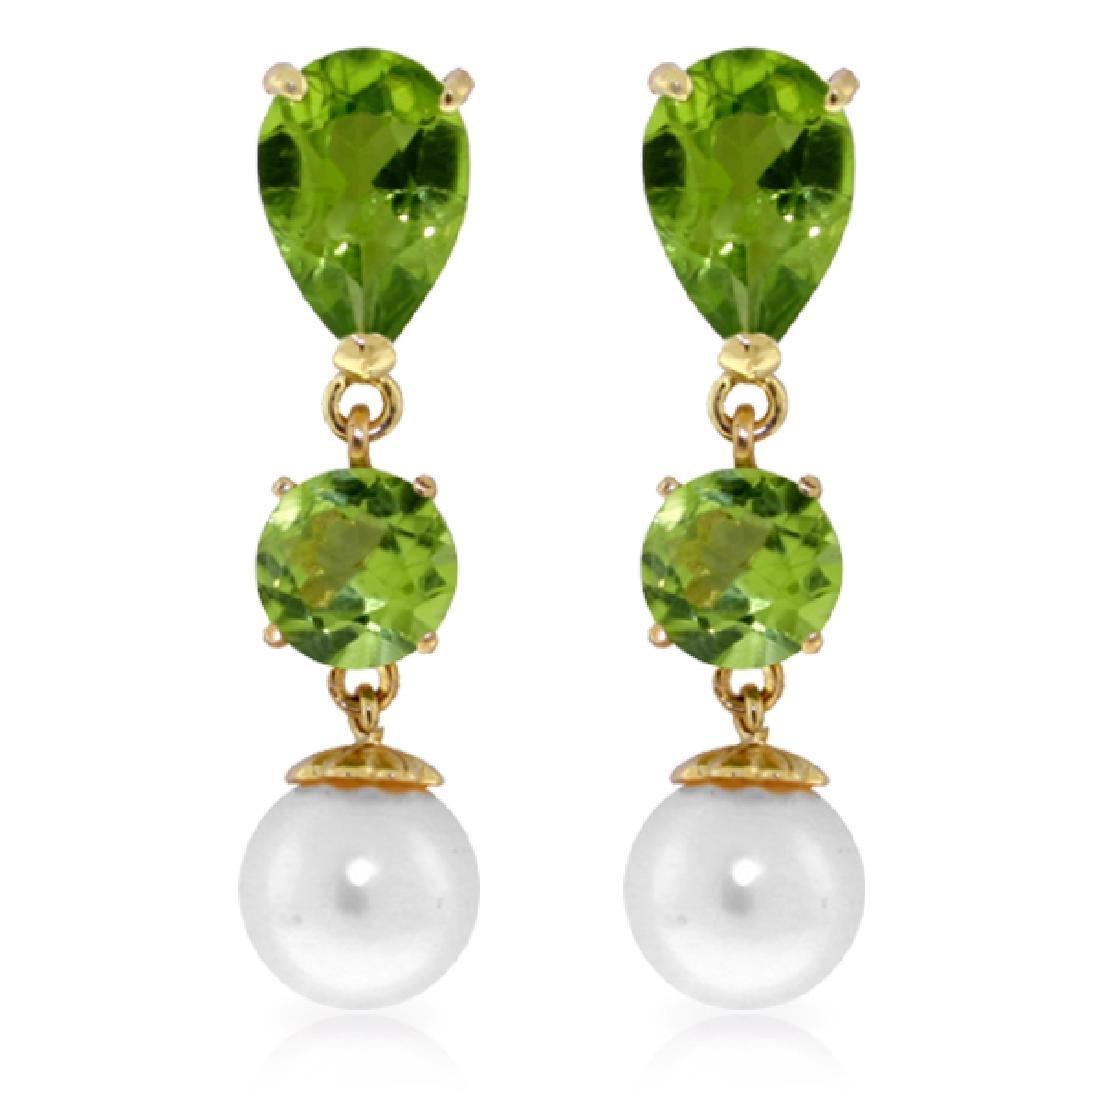 Genuine 10.50 ctw Peridot & Pearl Earrings Jewelry 14KT